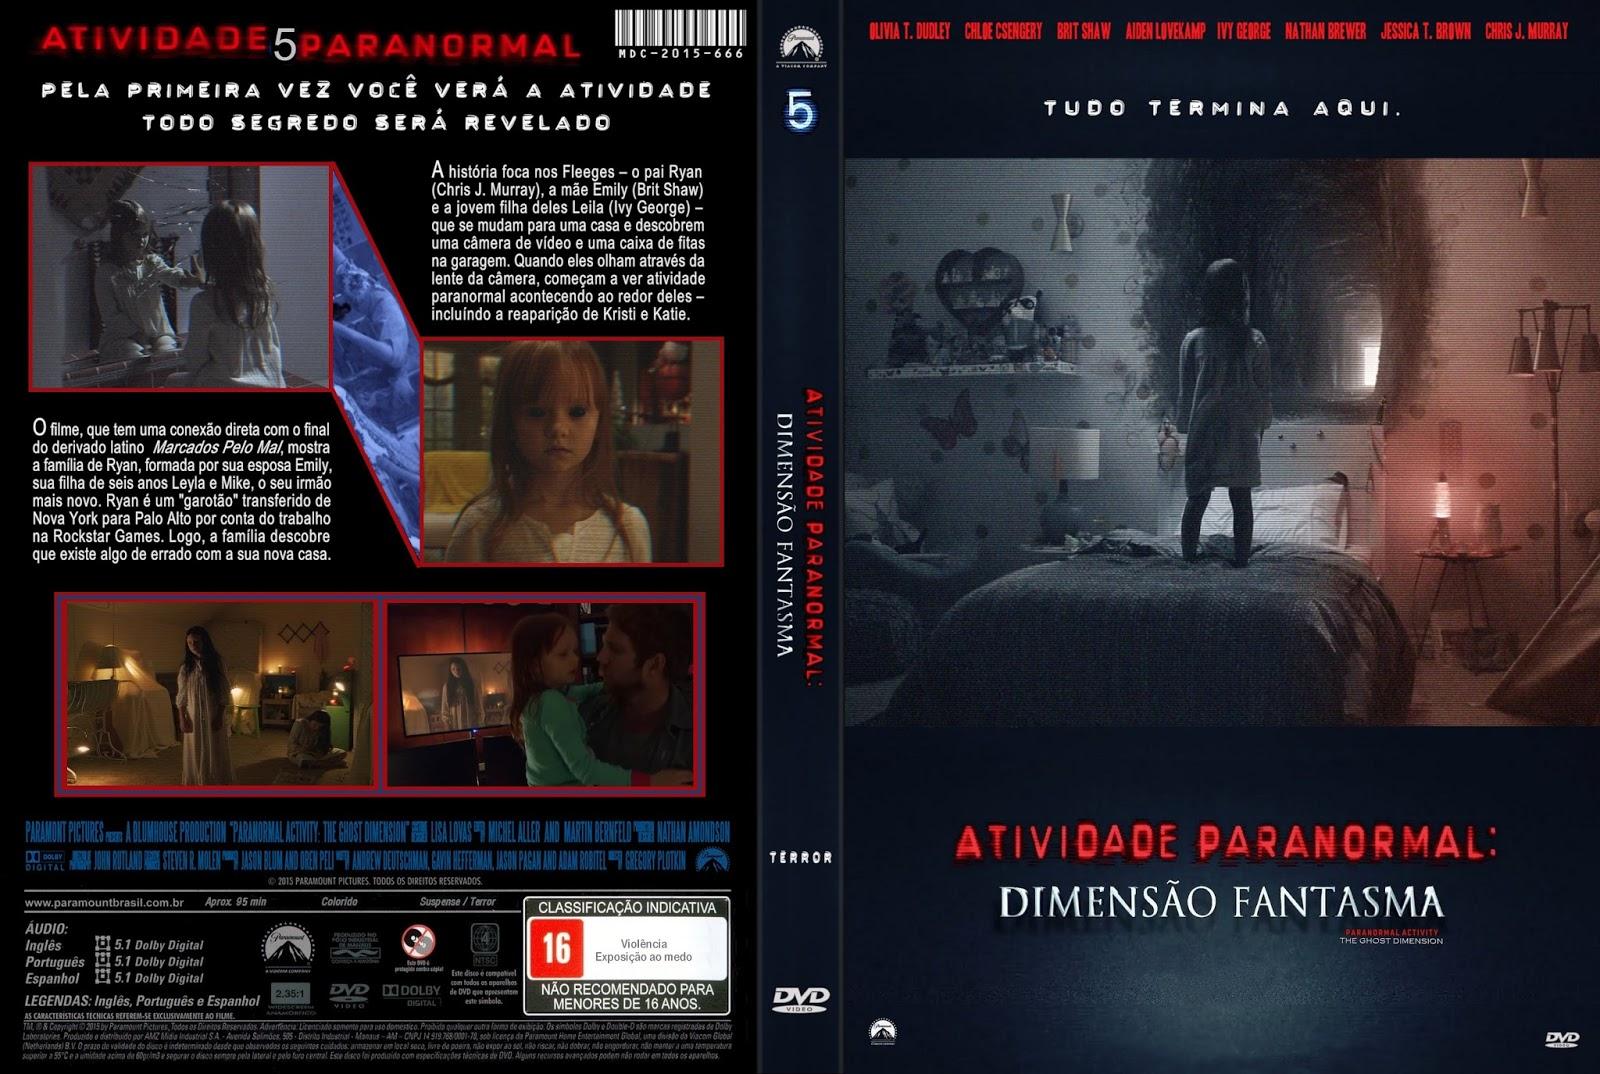 Download Atividade Paranormal Dimensão Fantasma BDRip XviD Dual Áudio Atividade 2BParanormal 2BDimens 25C3 25A3o 2BFantasma 2BXANDAODOWNLOAD